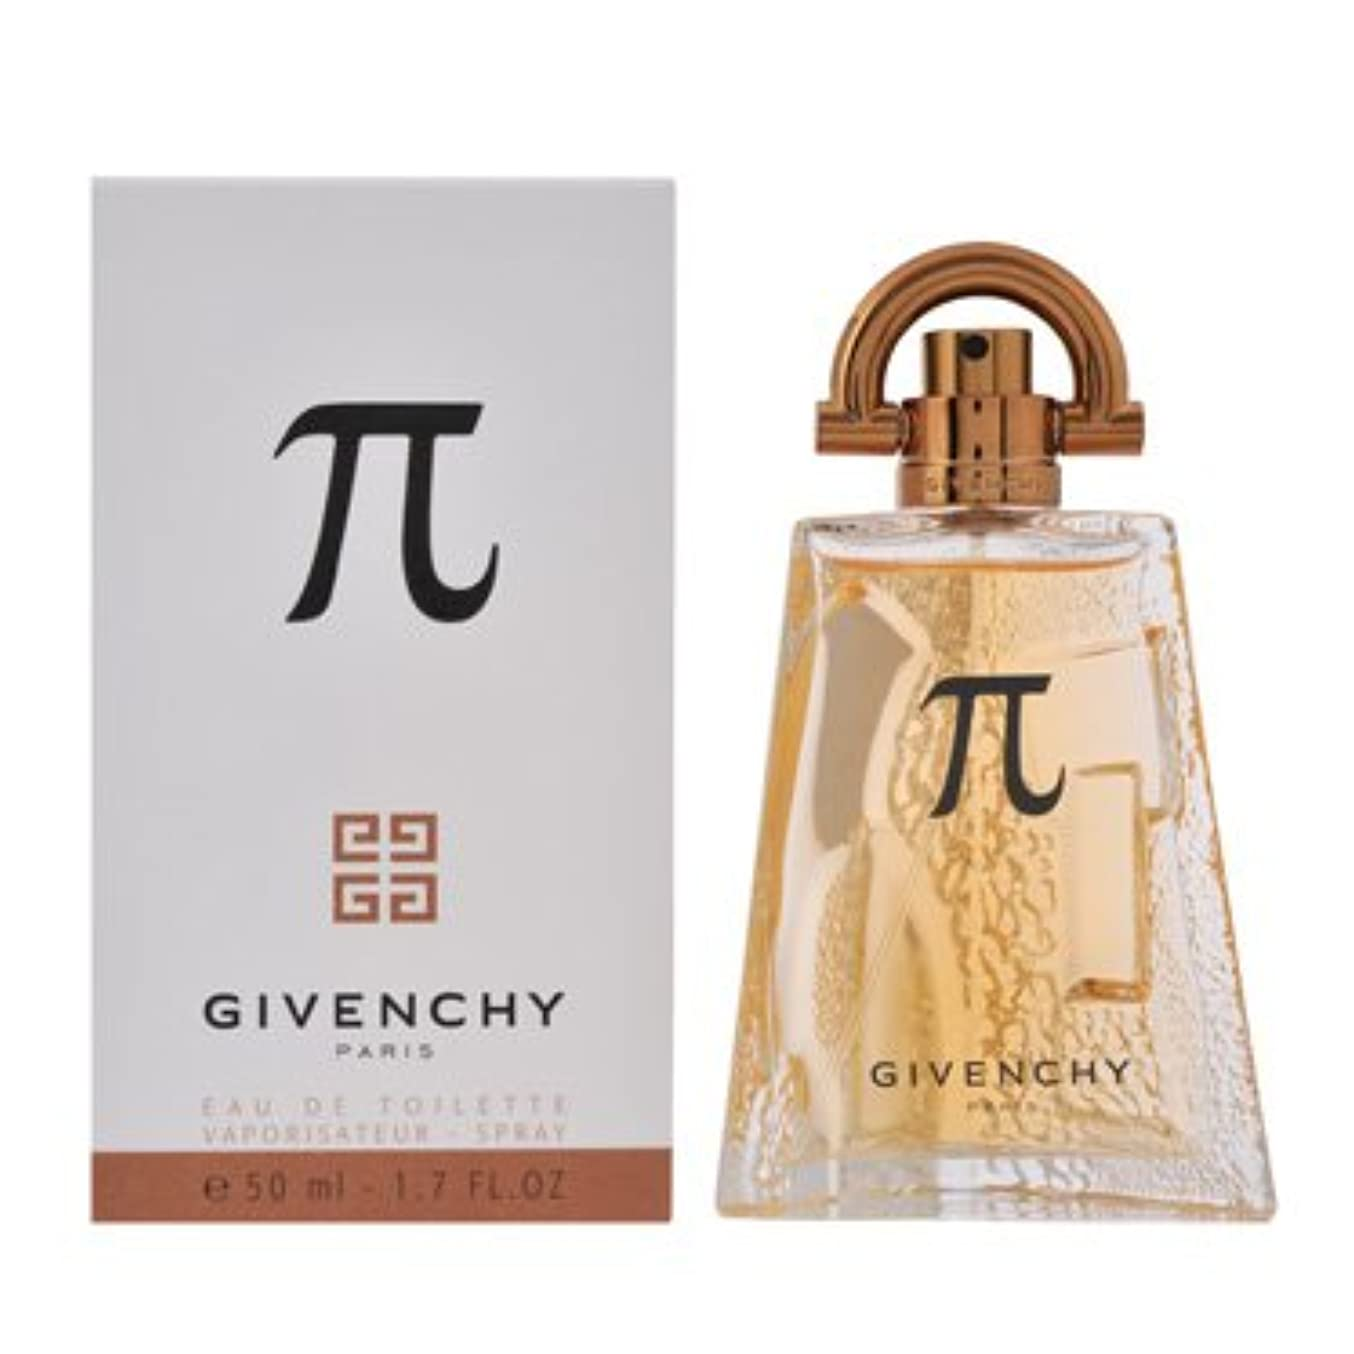 GIVENCHY(ジバンシイ) GIVENCHY ジバンシイ パイ EDT/50mL3274878222551 香水 フレグランス 香水?フレグランス